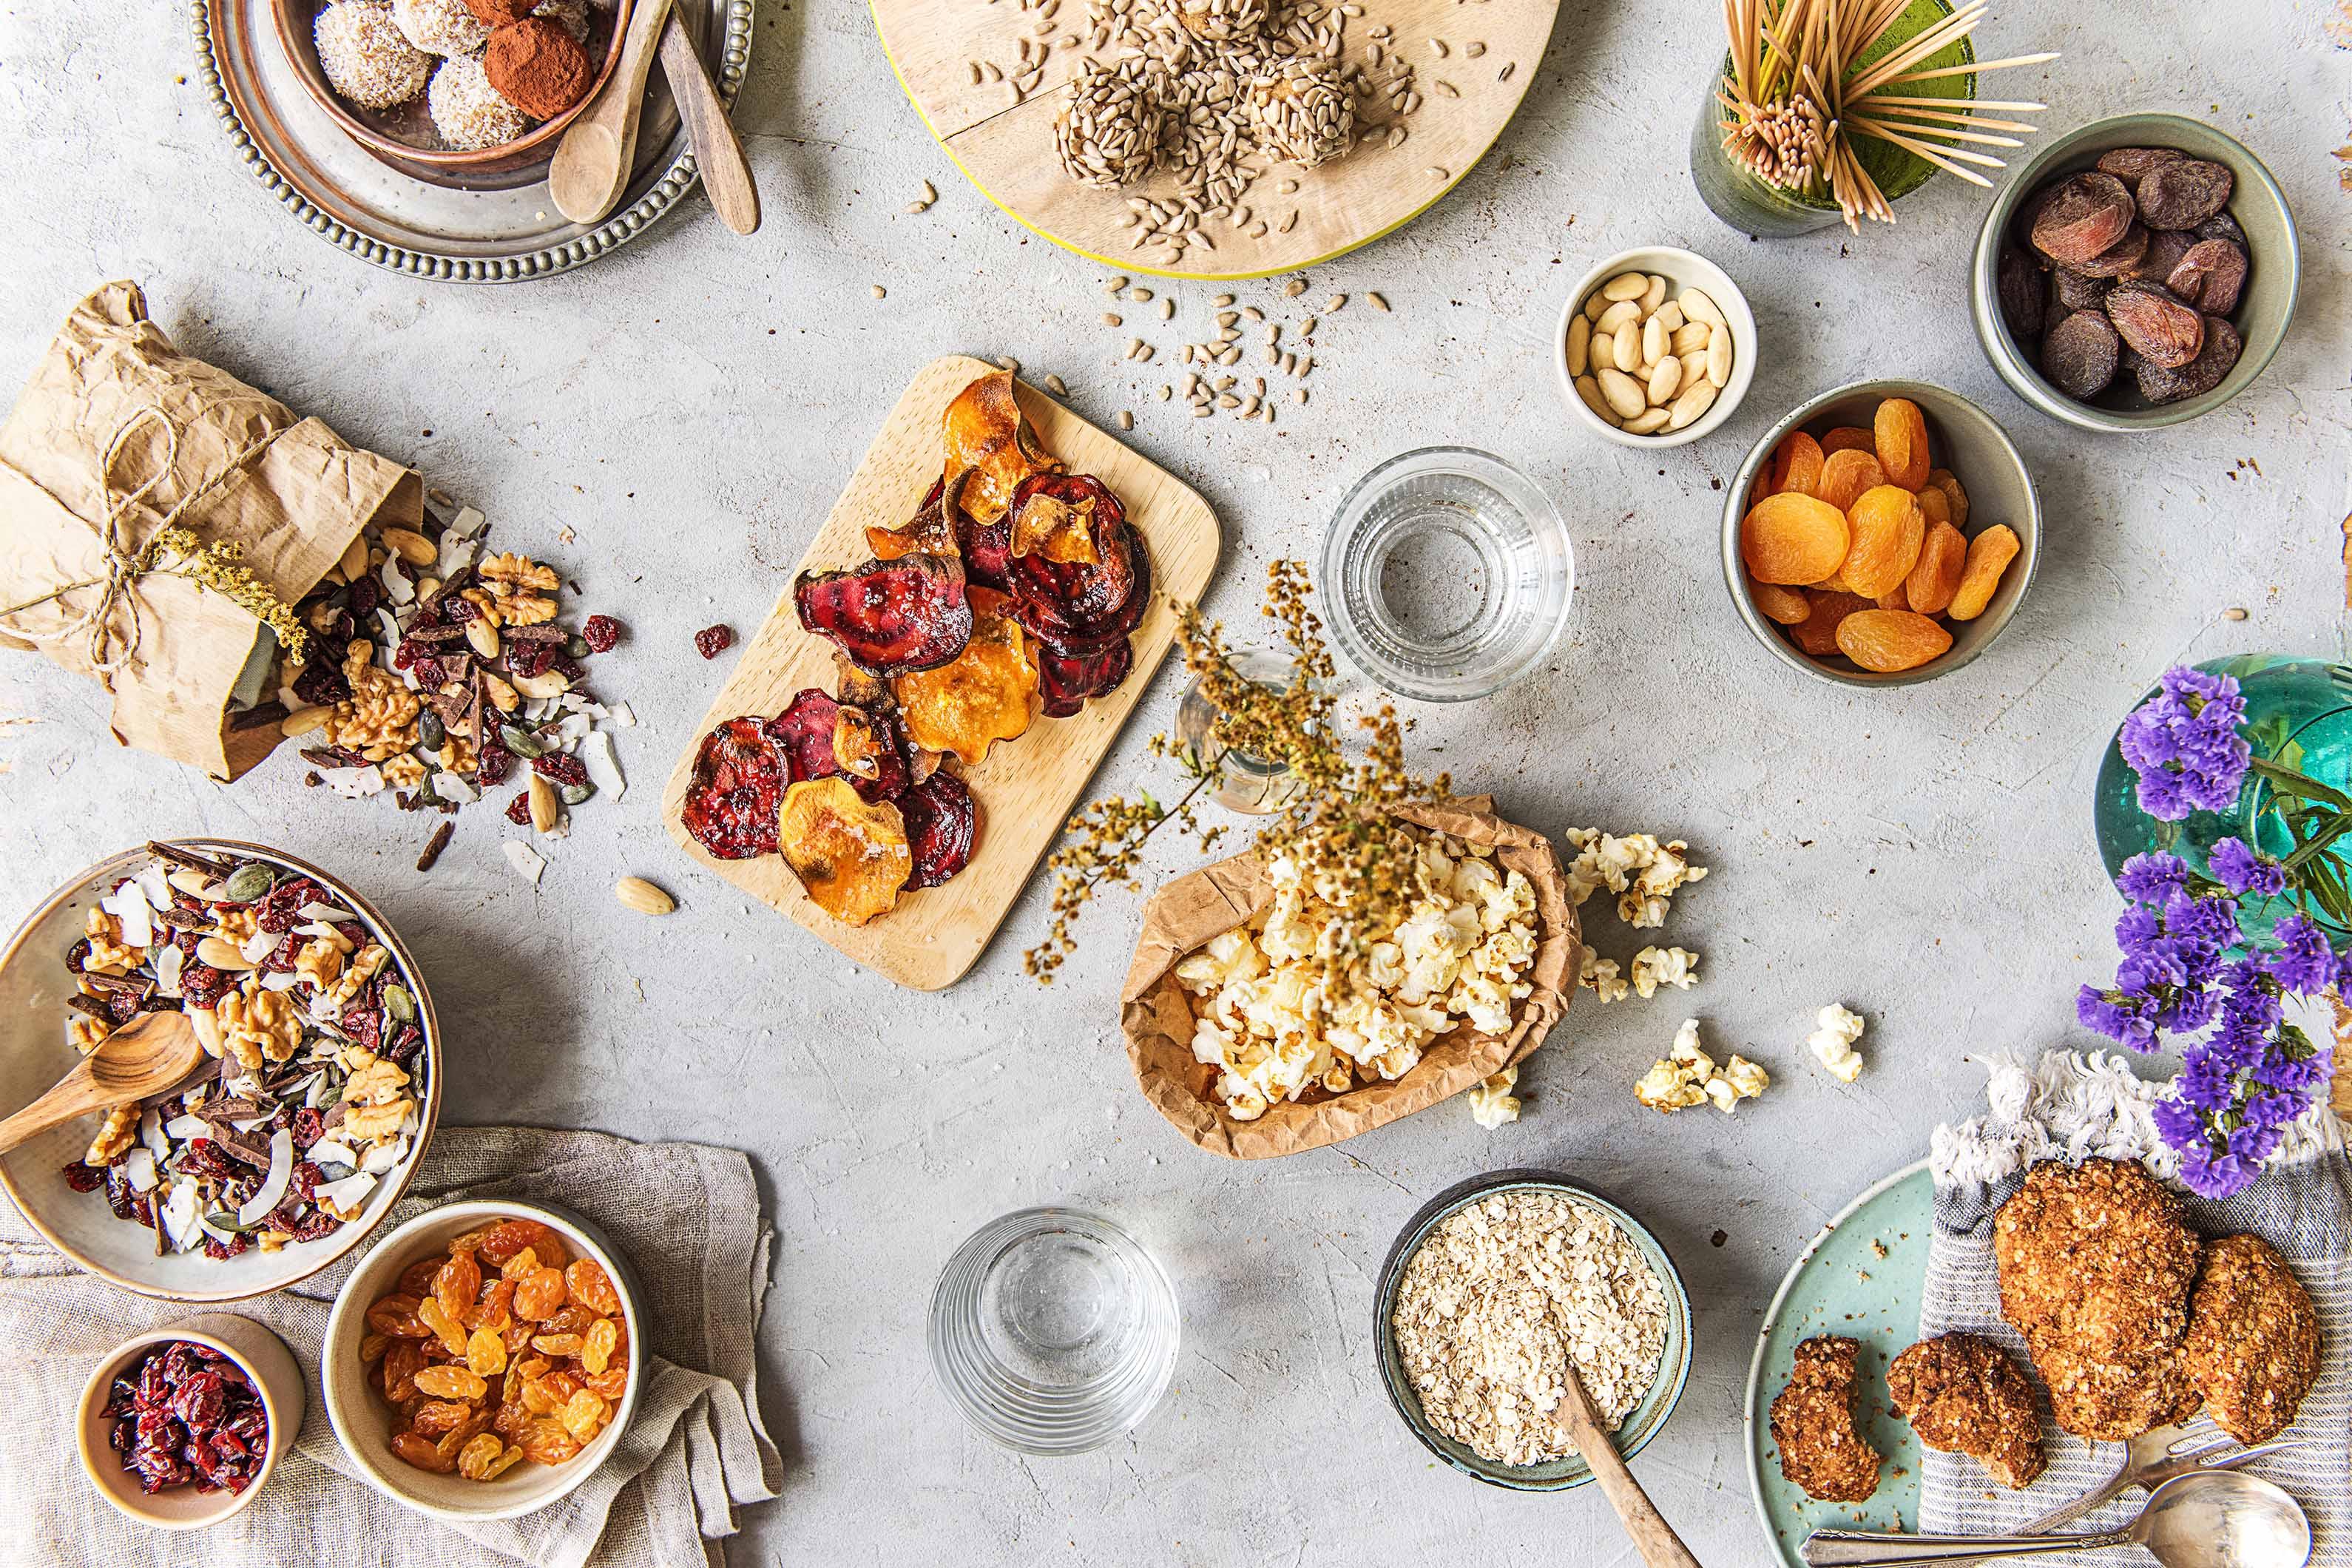 snack ideas-HelloFresh-recipes